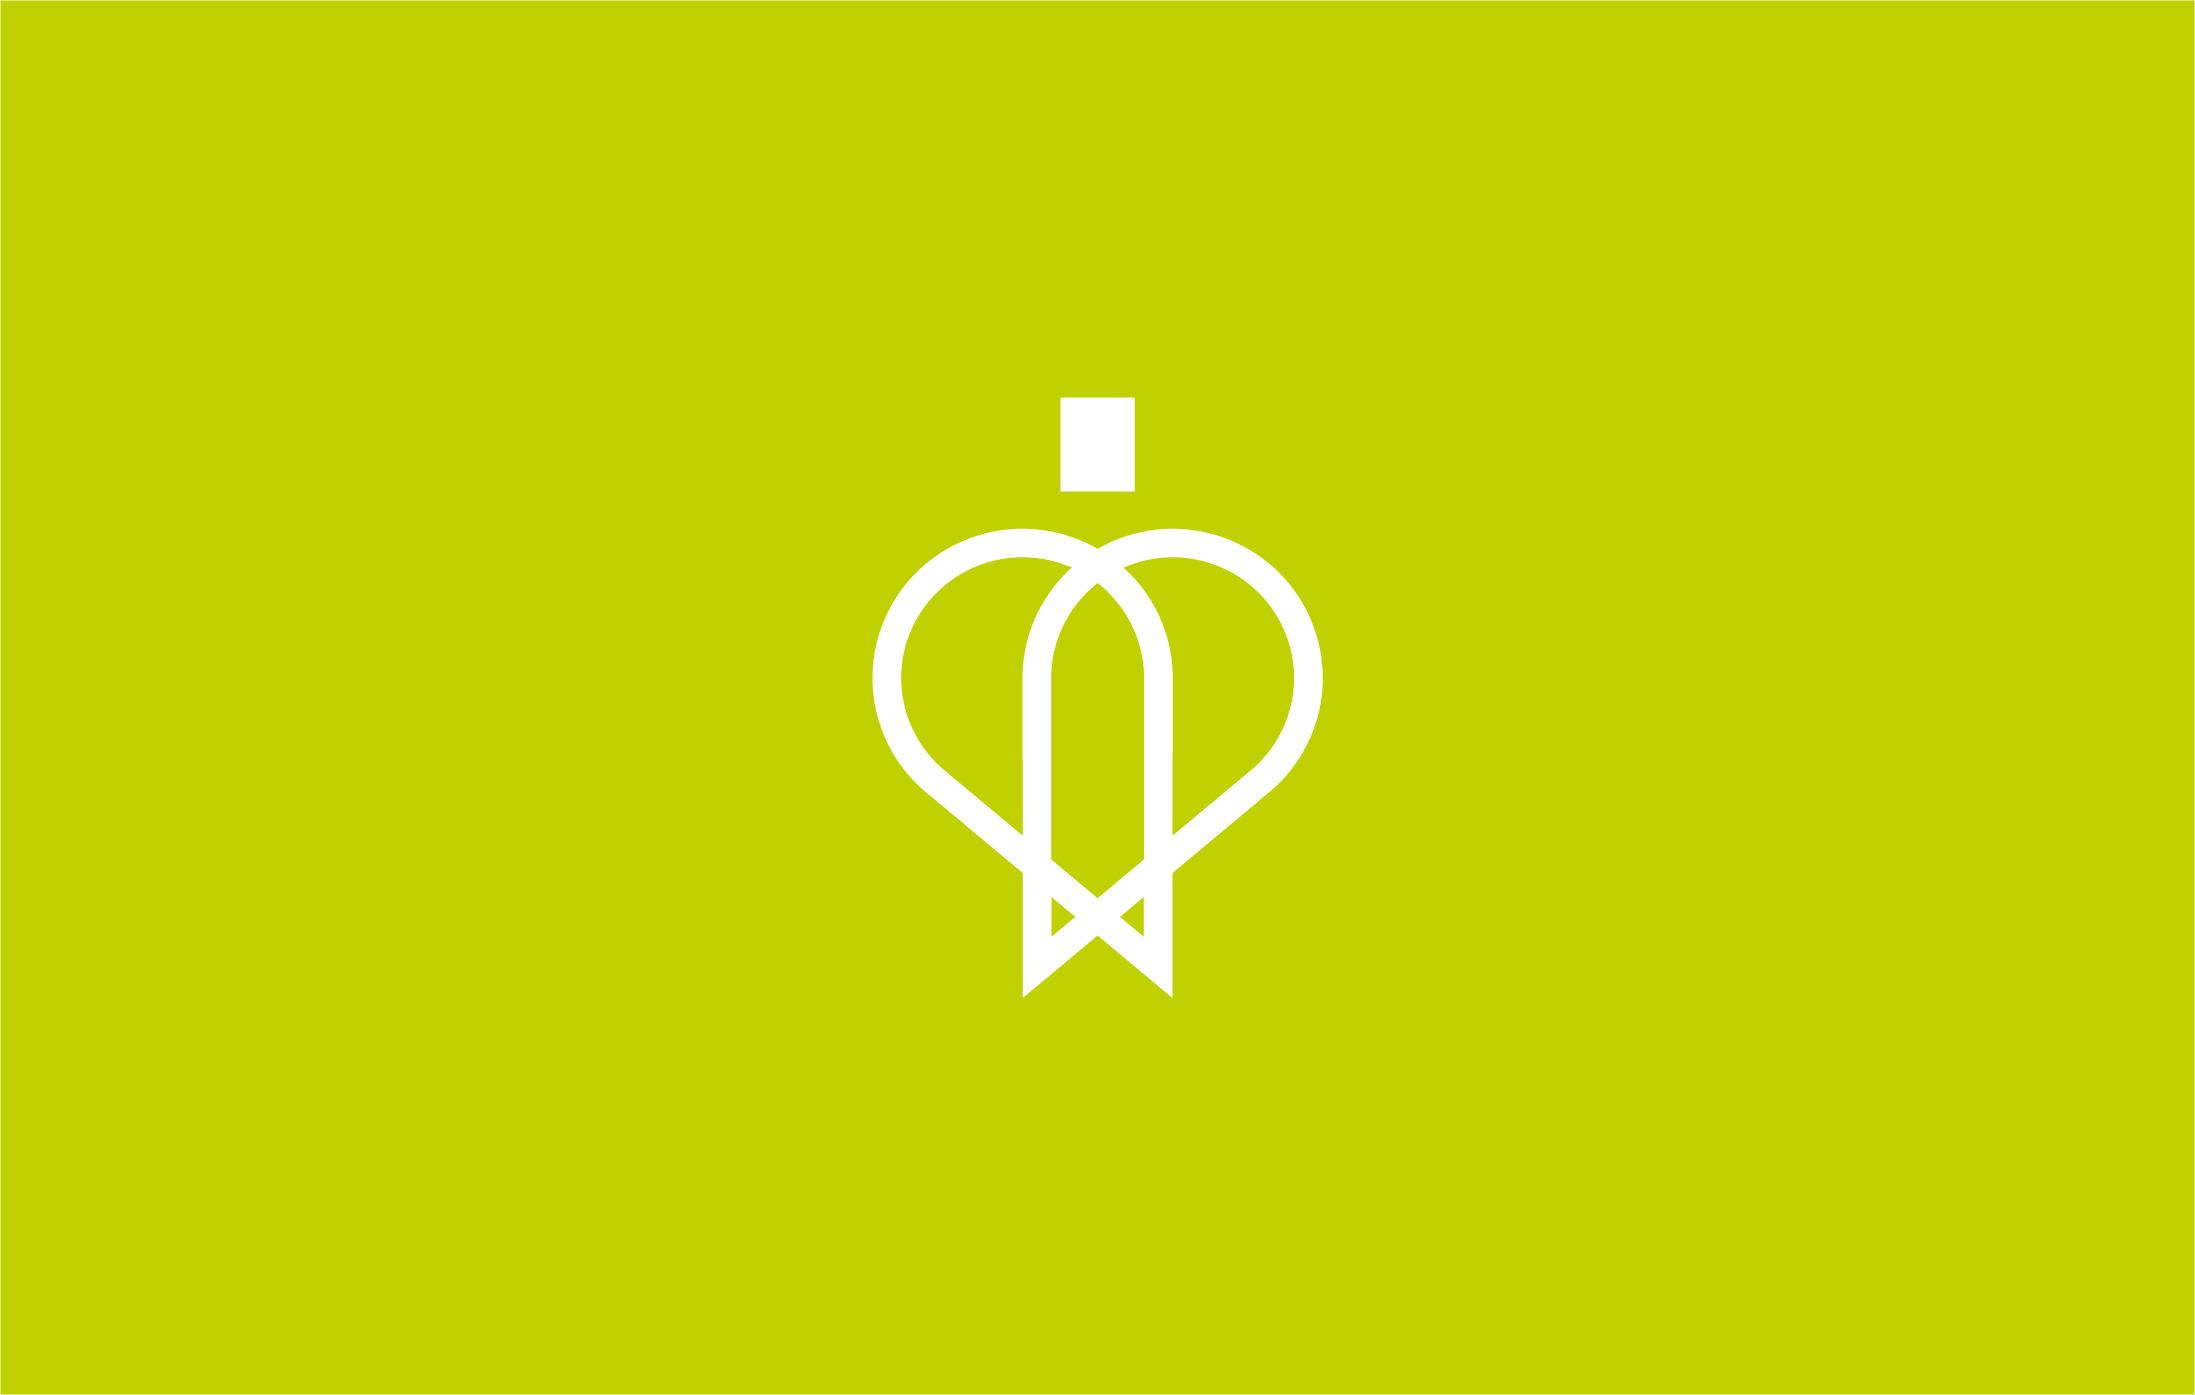 101 Vinos con encanto - Estudio Rana - Diseño Gráfico y Comunicación